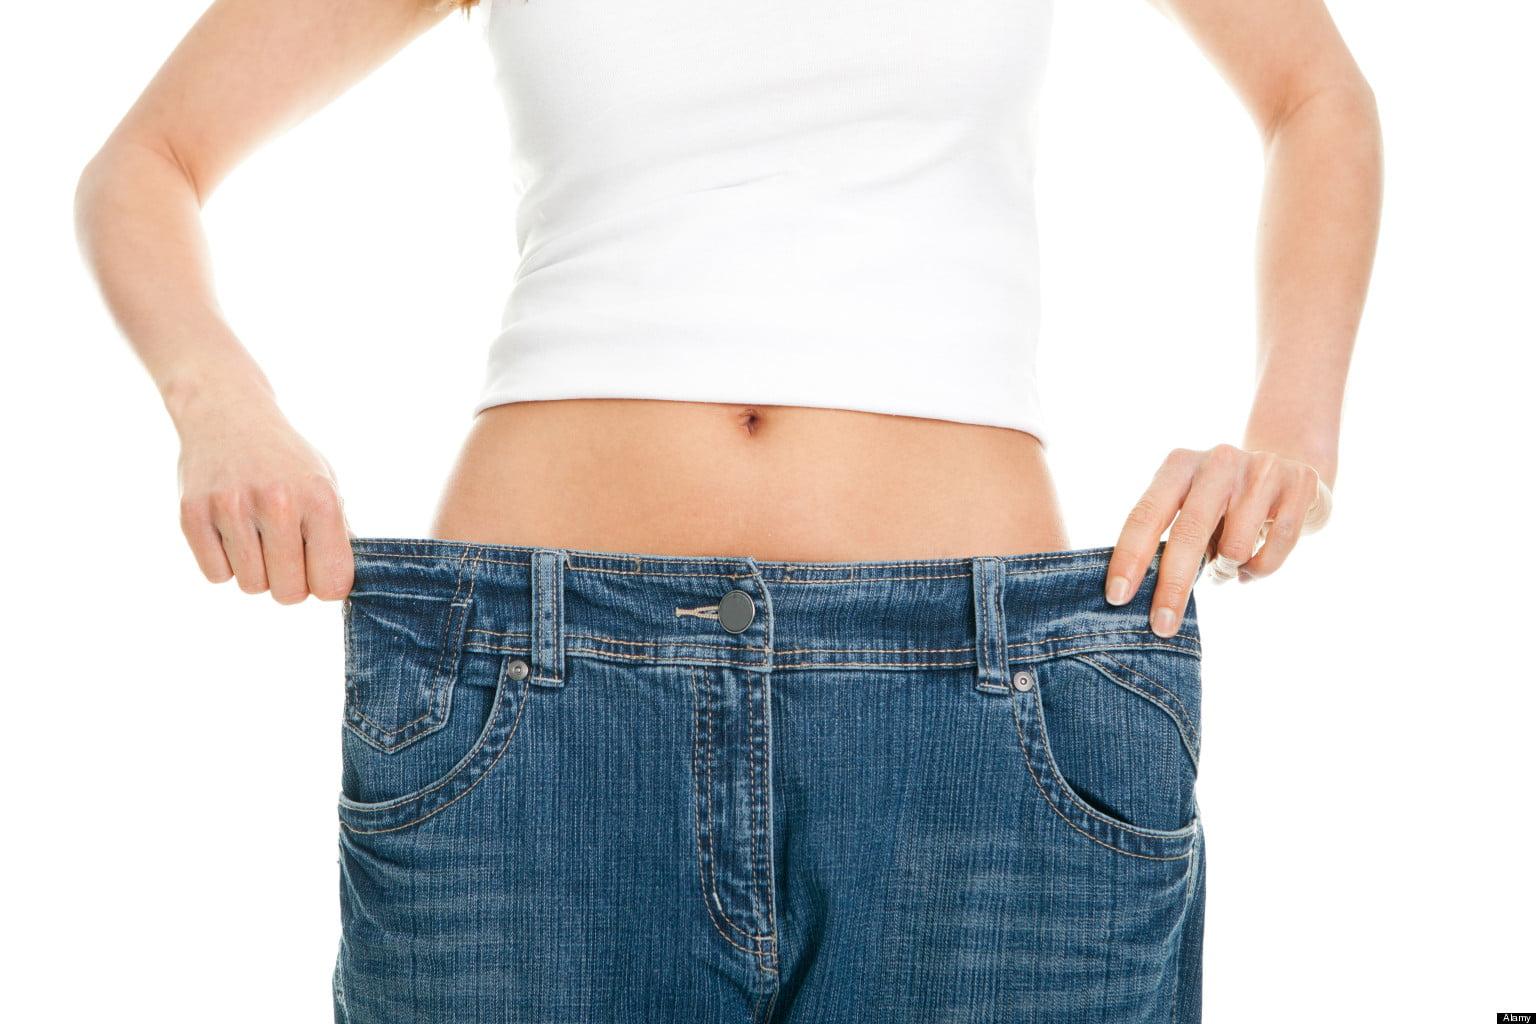 teama de pierderea in greutate a esecului pierderea în greutate progres săptămânal